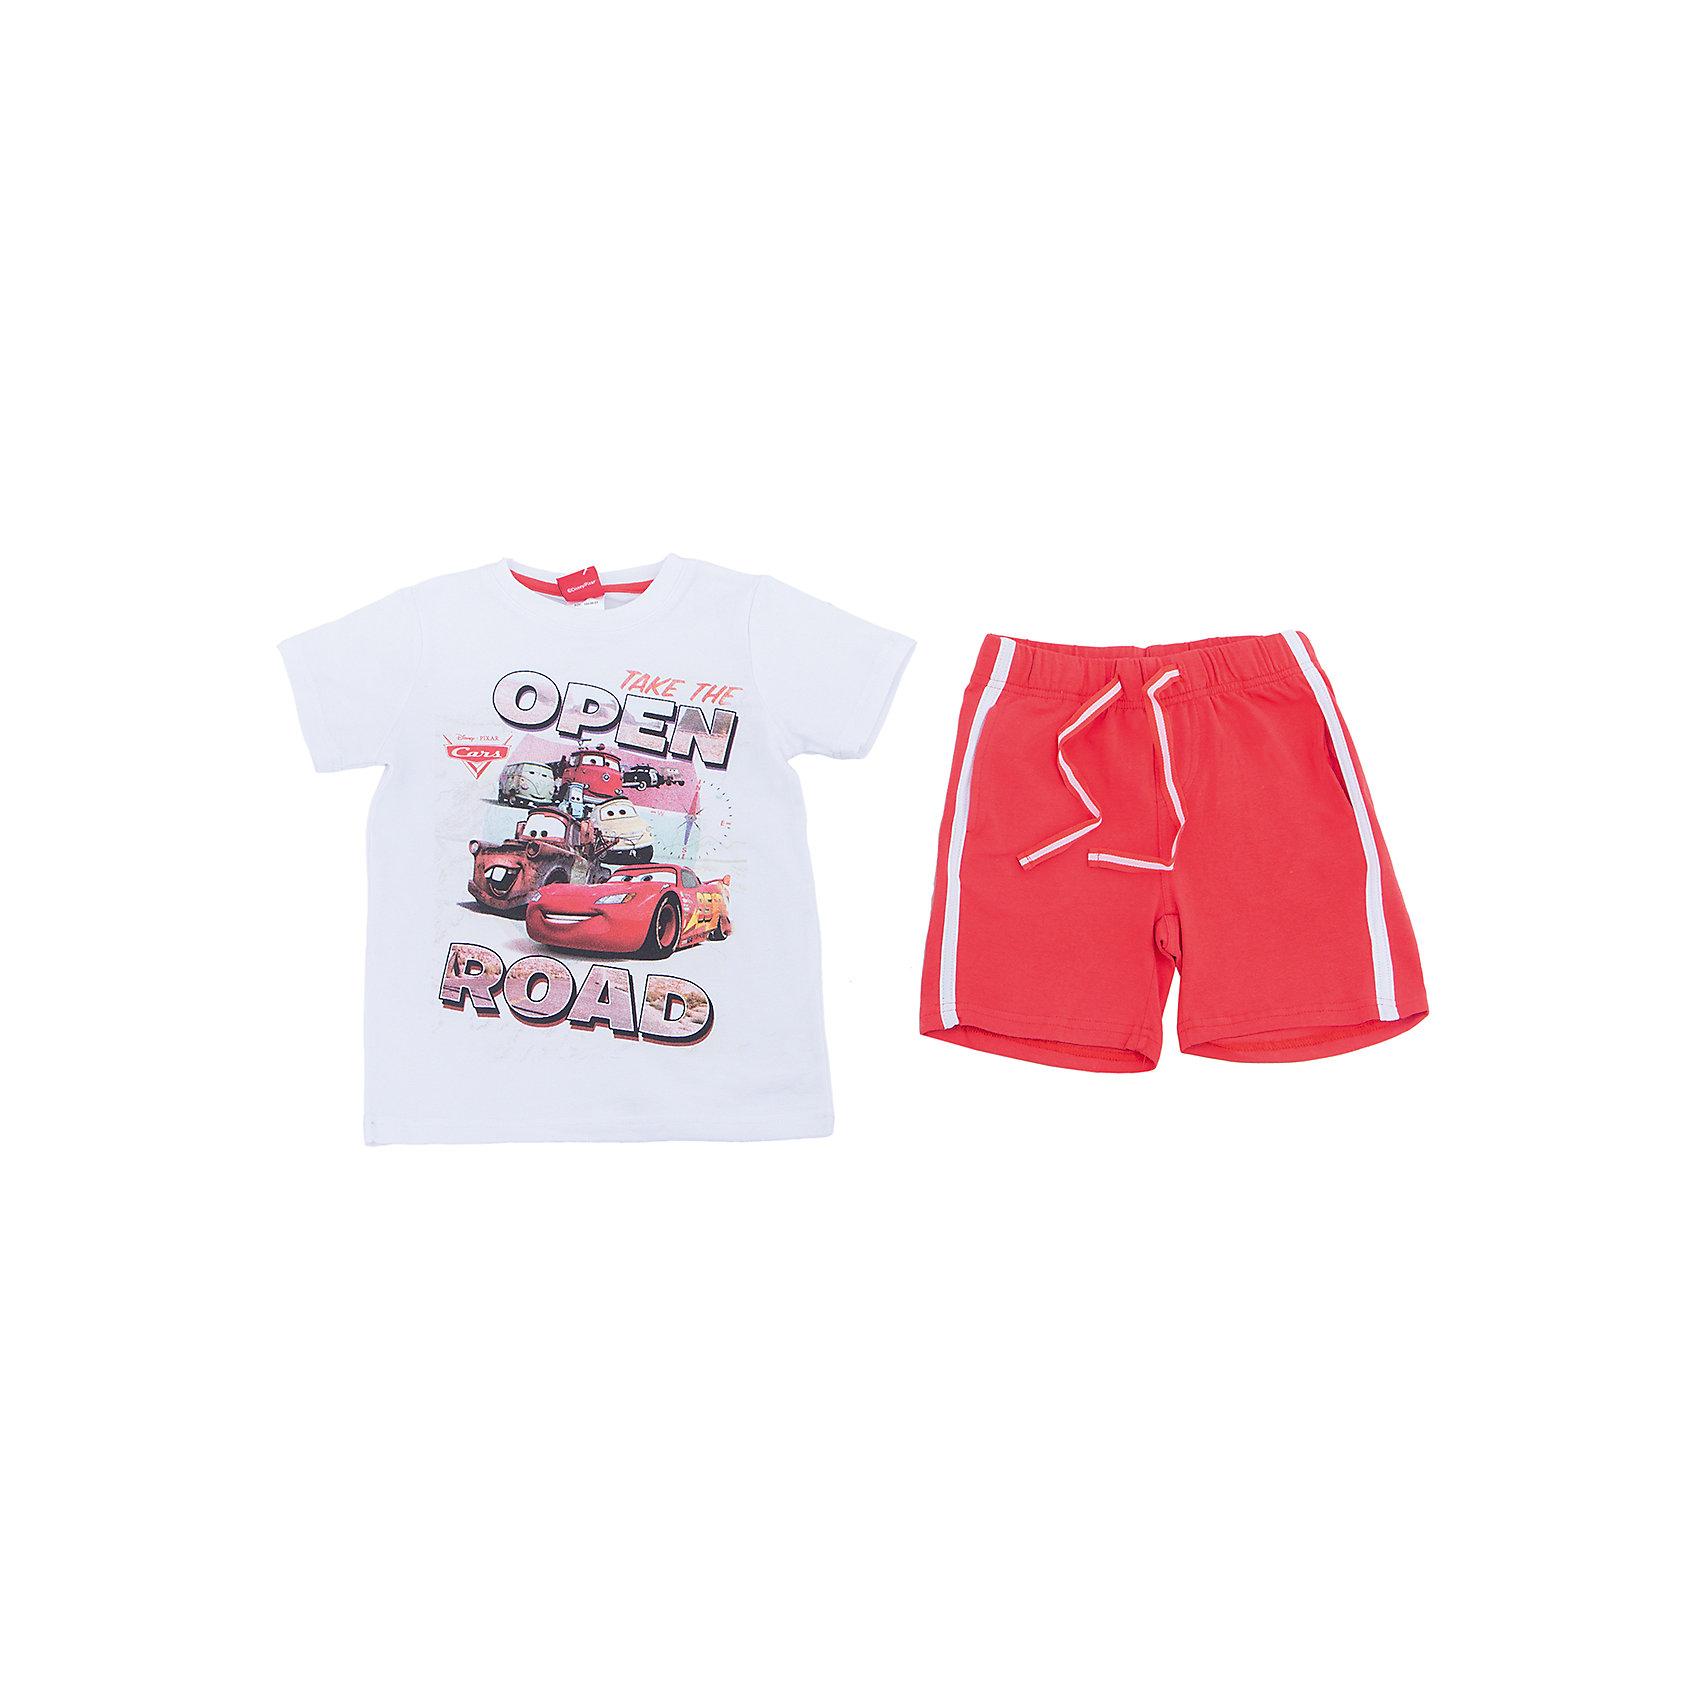 Комплект: футболка и шорты для мальчика PlayTodayКомплекты<br>Комплект из натурального хлопка подойдет для отдыха и прогулок. Лекало модели футболки является точной копией настоящей мужской футболки - поло. Можно использовать в качестве базовой вещи повседневного гардероба Вашего ребенка. Аккуратные швы не вызывают раздражений. Шорты на мягкой резинке, дополнены регулируемым шнуром - кулиской. Преимущества: Свободный классический крой не сковывает движения ребенкаМягкая и приятная на ощупь ткань.<br>Состав:<br>95% хлопок, 5% эластан<br><br>Ширина мм: 191<br>Глубина мм: 10<br>Высота мм: 175<br>Вес г: 273<br>Цвет: разноцветный<br>Возраст от месяцев: 72<br>Возраст до месяцев: 84<br>Пол: Мужской<br>Возраст: Детский<br>Размер: 122,104,110,116,128,98<br>SKU: 5604512